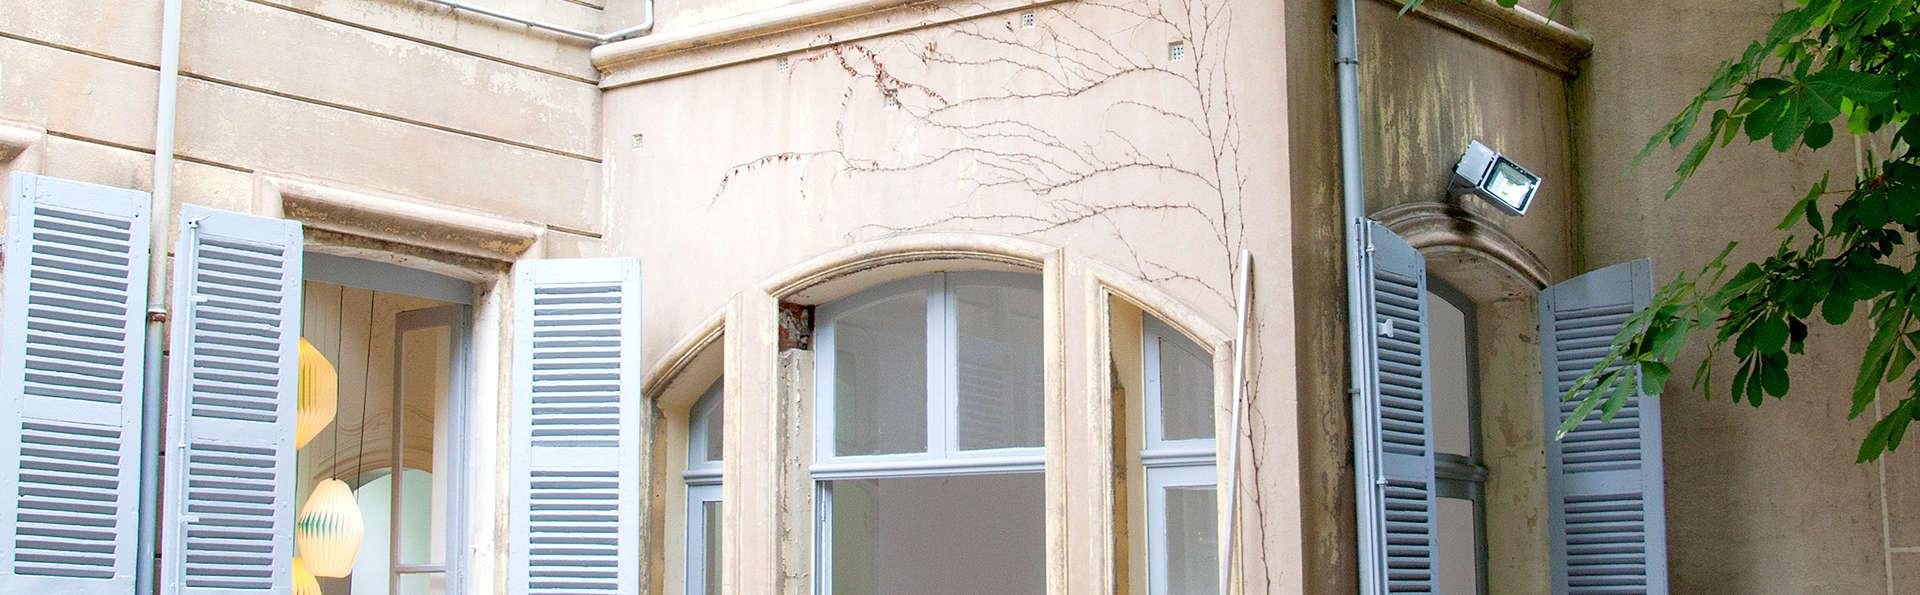 Maison Montgrand Marseille Vieux-Port - Edit_front.jpg